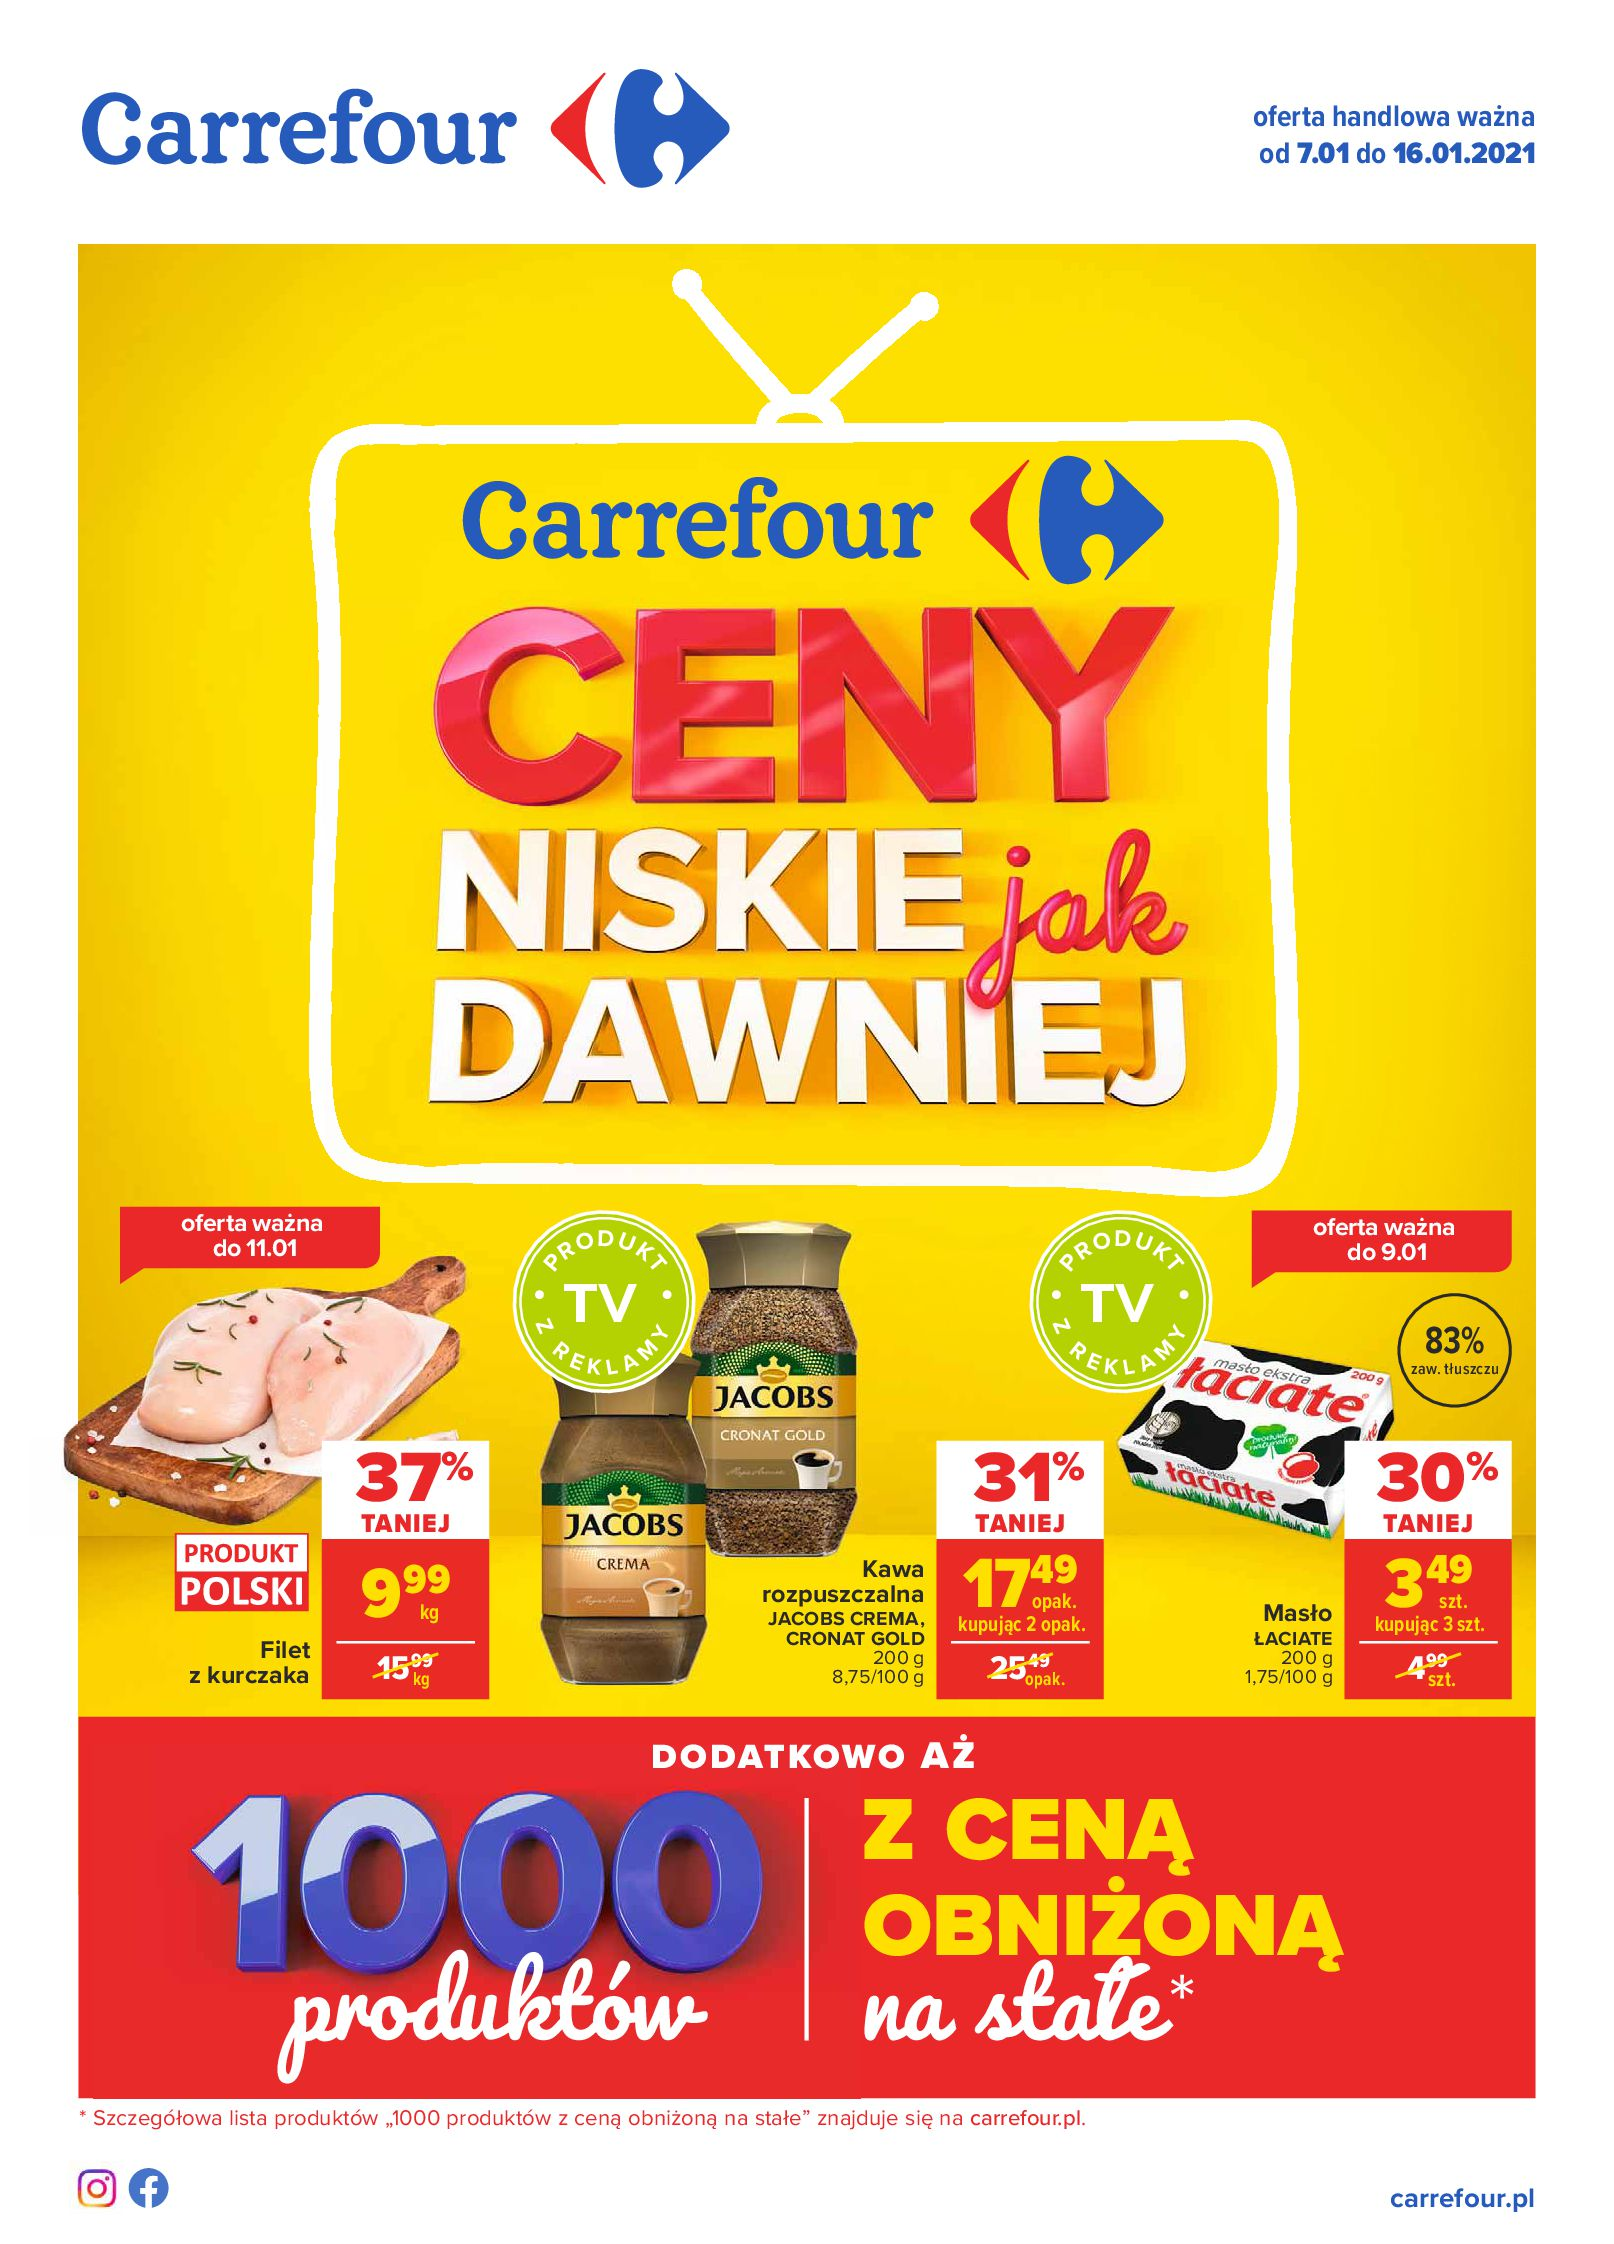 Carrefour:  Ceny niskie jak dawniej - Carrefour 06.01.2021